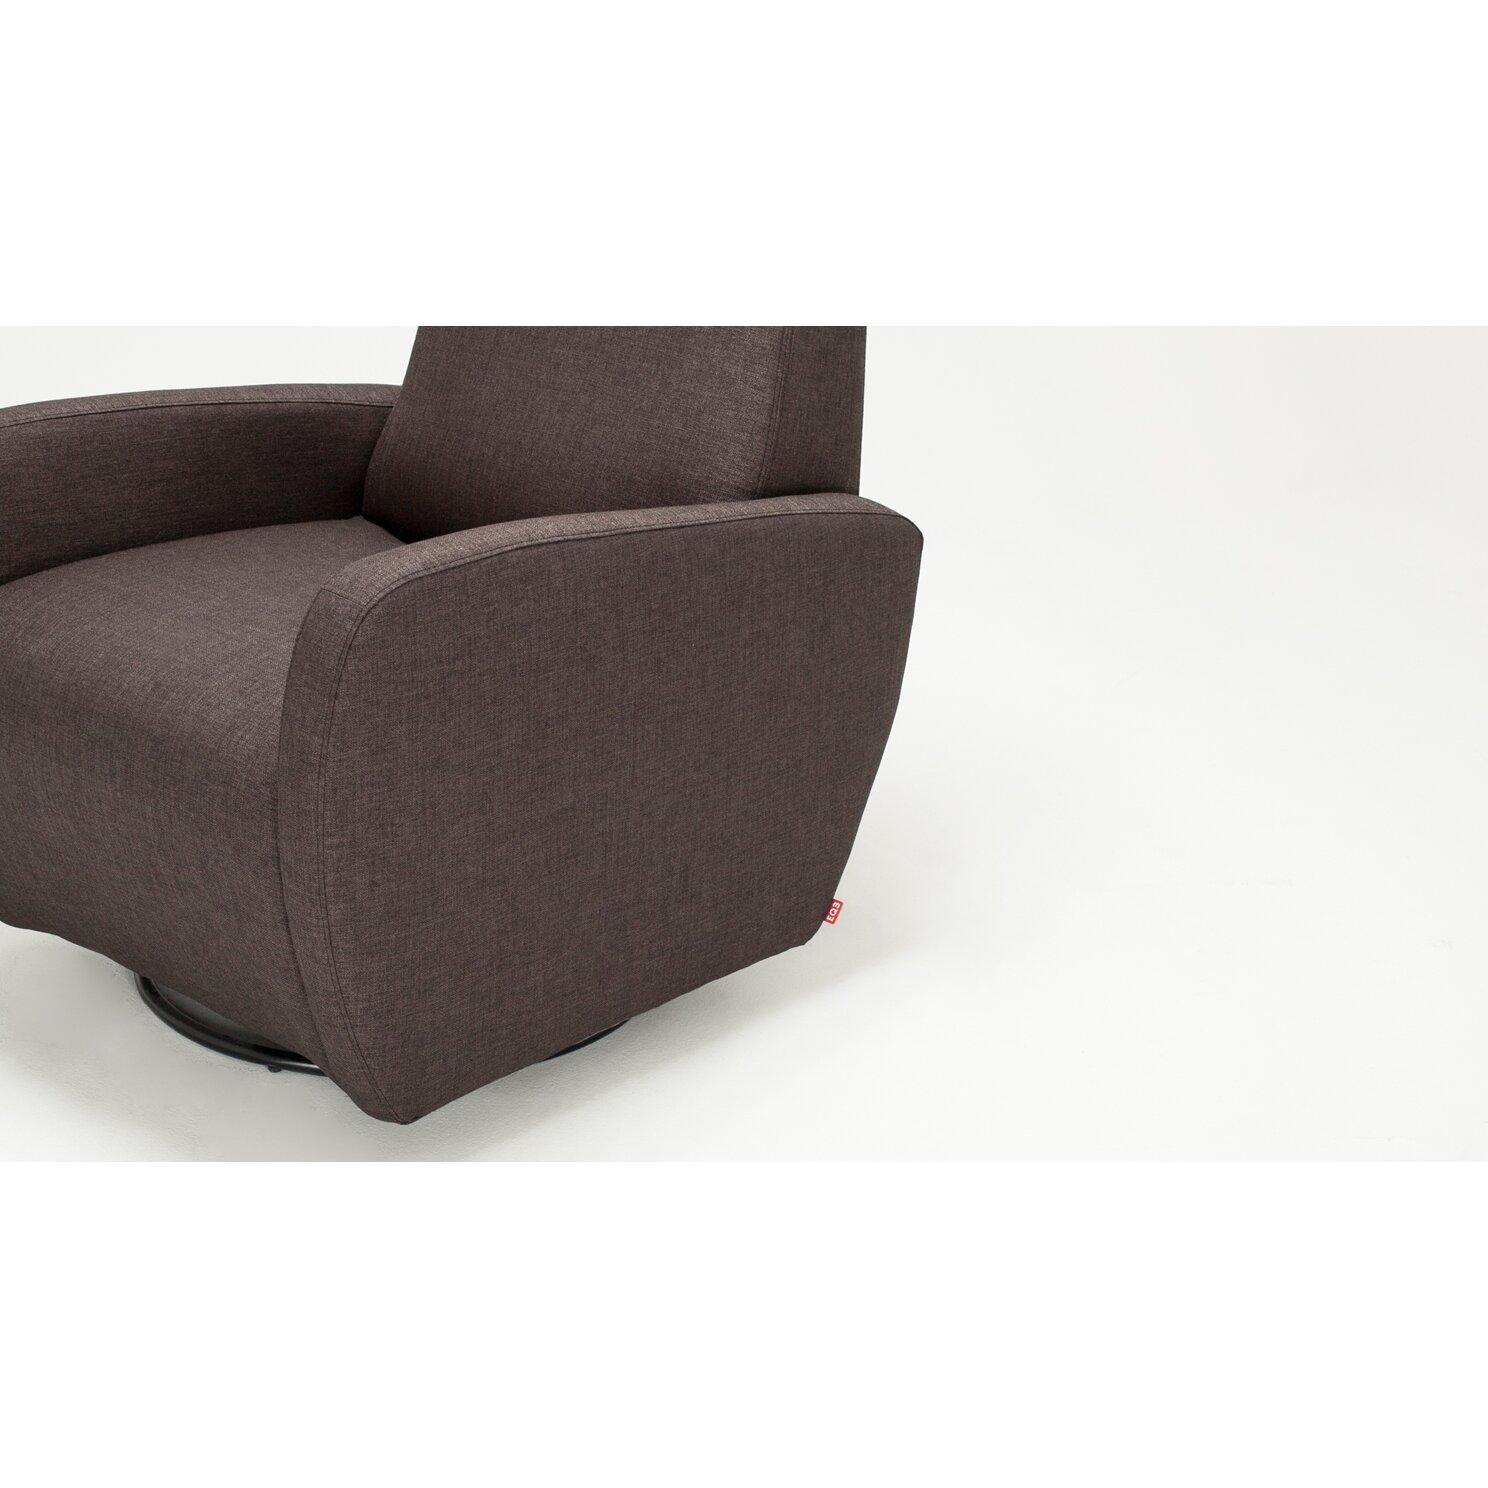 eq3 karbon swivel arm chair wayfair